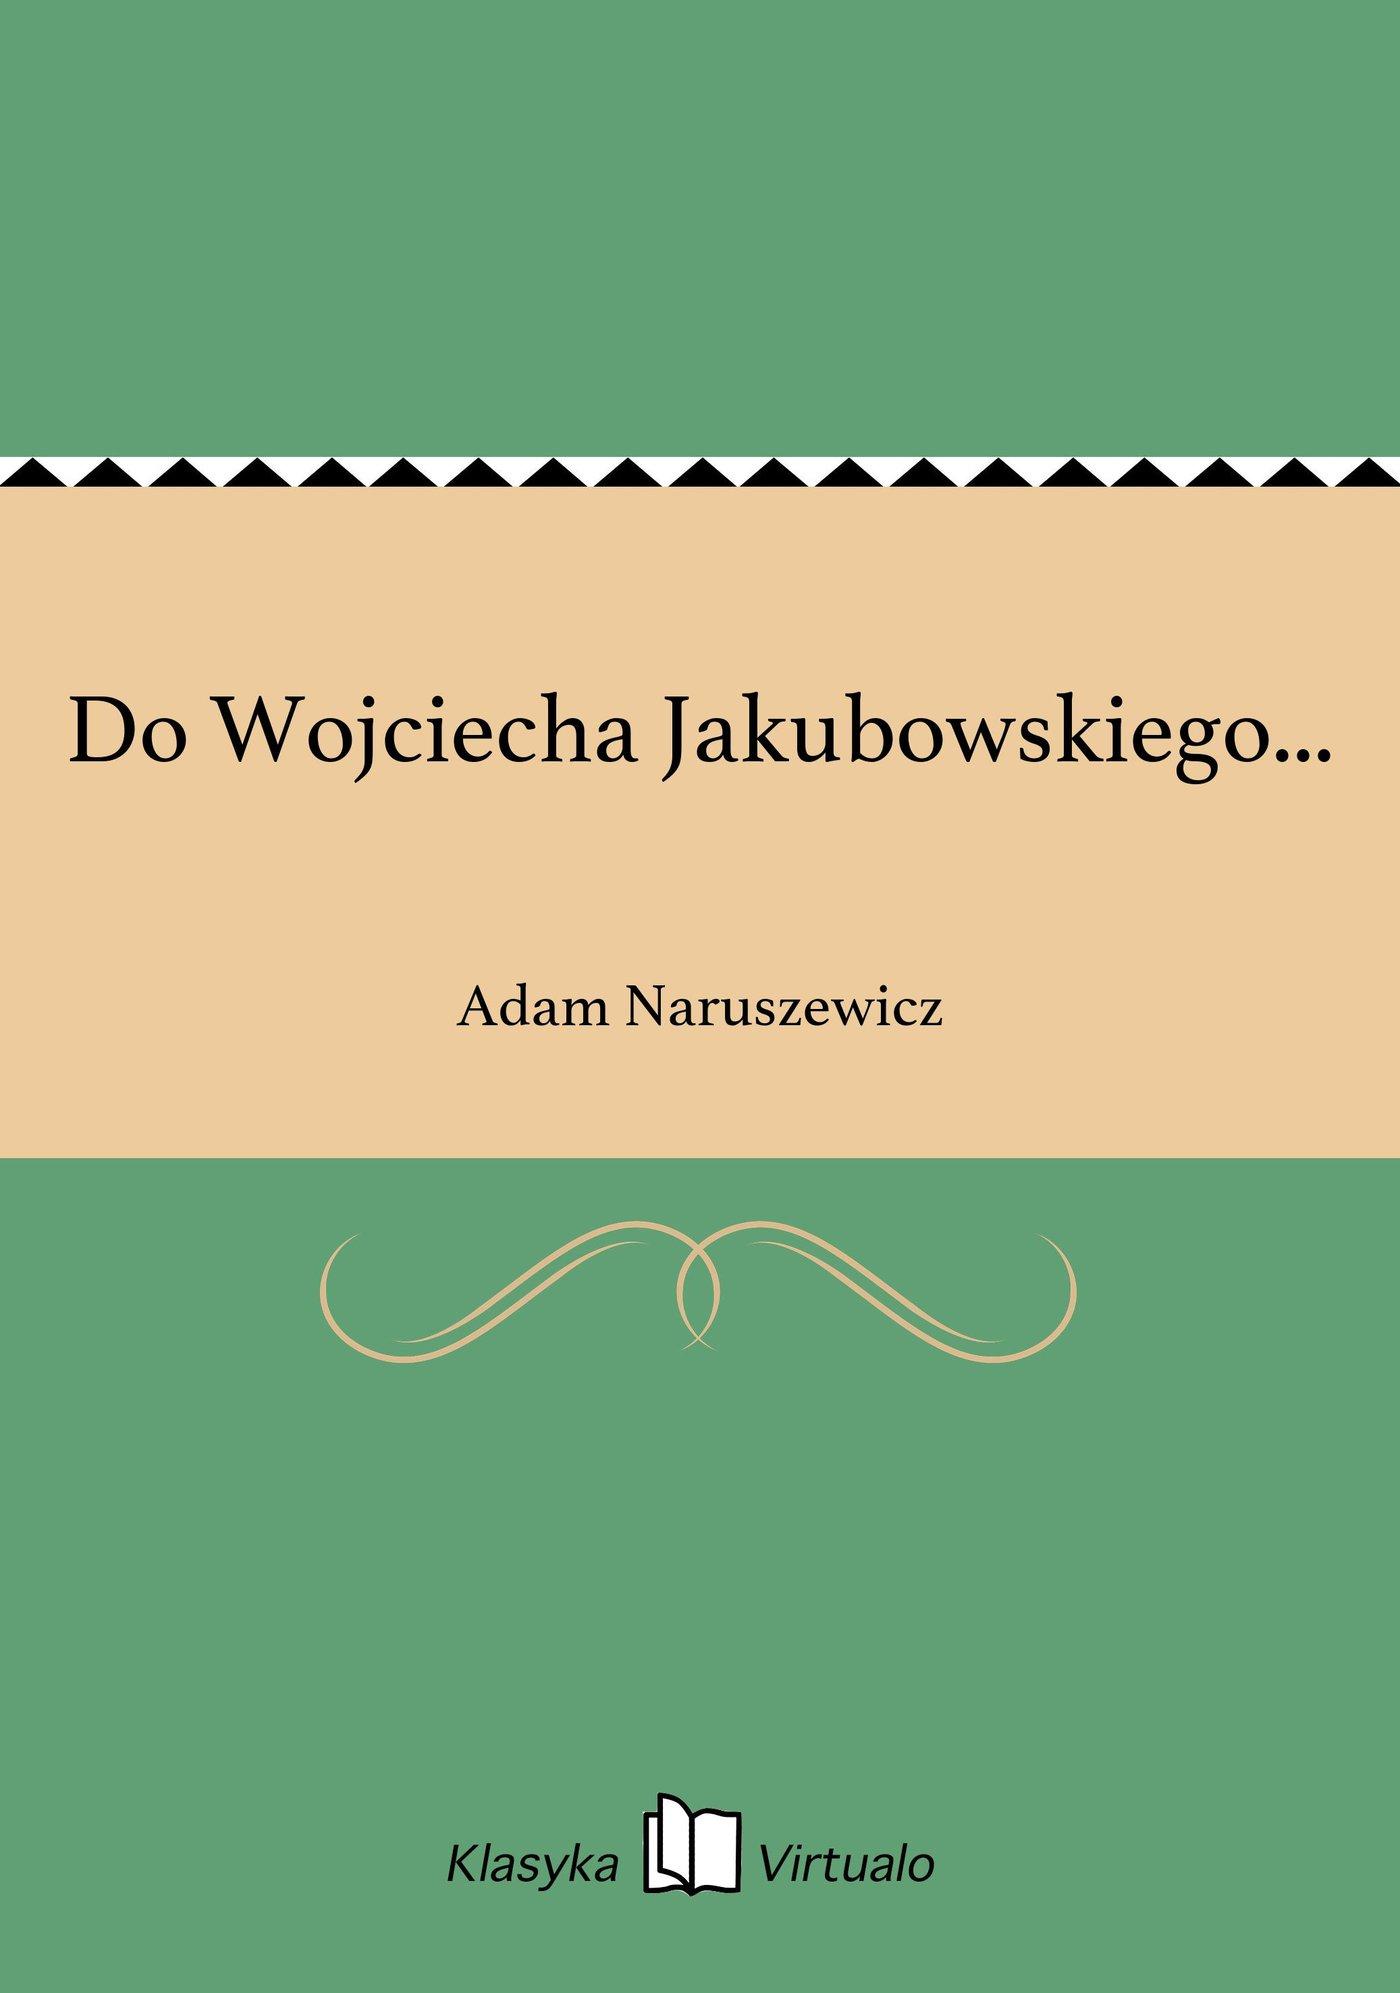 Do Wojciecha Jakubowskiego... - Ebook (Książka EPUB) do pobrania w formacie EPUB